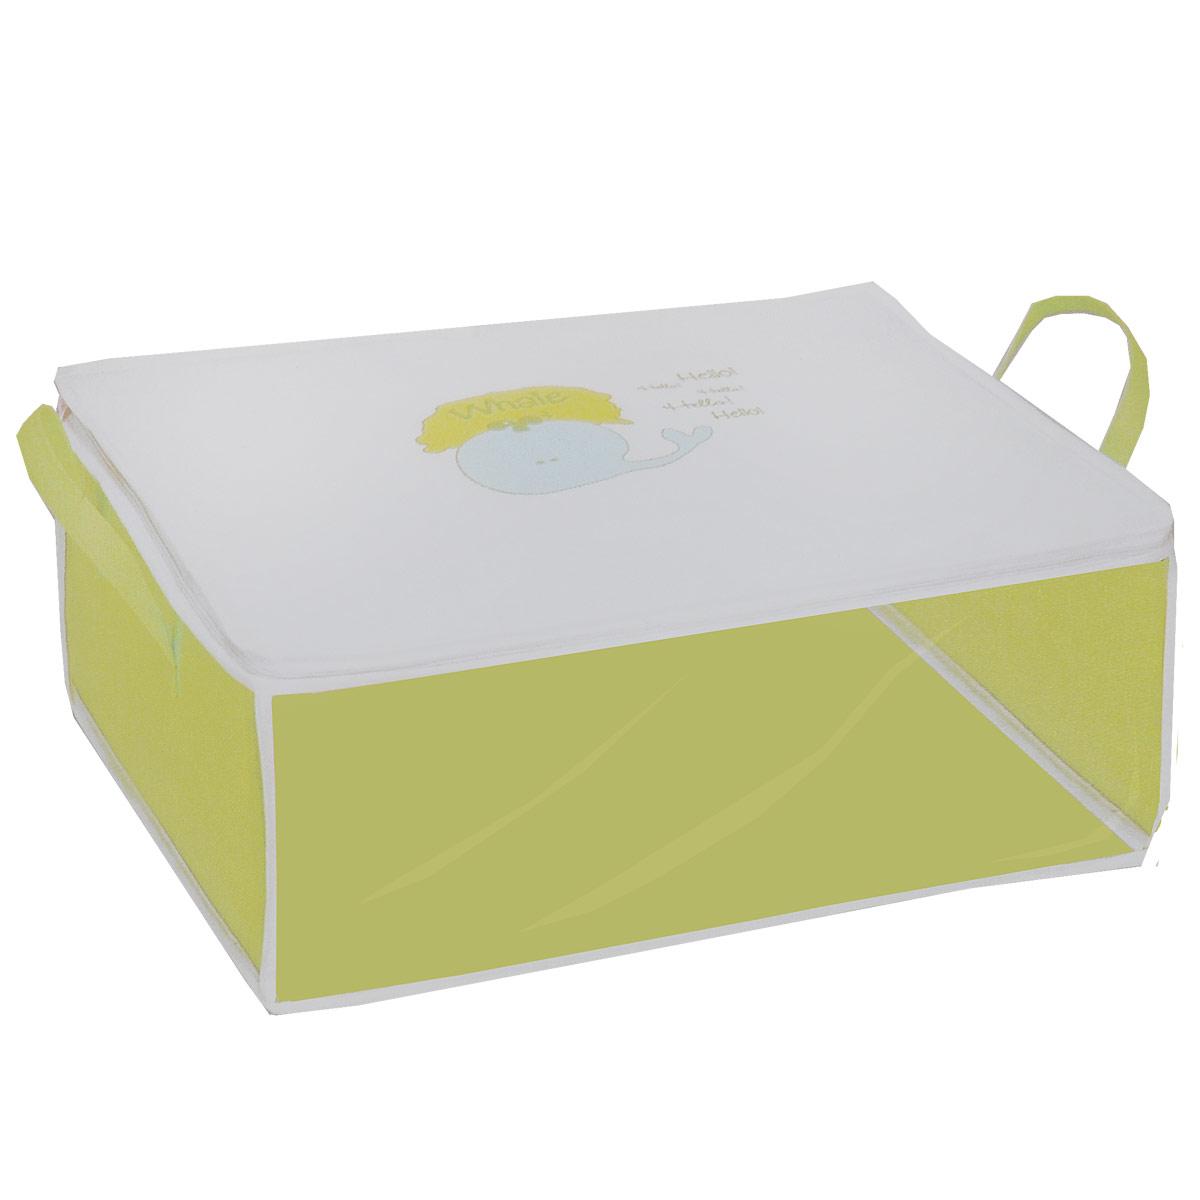 Кофр для хранения Hausmann, цвет: салатовый, белый, 50 x 40 x 20 смБрелок для ключейКофр для хранения Hausmann изготовлен из высококачественного нетканого материала, который позволяет сохранять естественную вентиляцию, а воздуху свободно проникать внутрь, не пропуская пыль. Прозрачная полиэтиленовая вставка позволит вам без труда определить содержимое кофра. Изделие оснащено молнией и двумя ручками по бокам. Мобильность конструкции обеспечивает складывание и раскладывание одним движением. Размер кофра: 50 см x 40 см x 20 см. Материал: нетканый материал, PEVA.